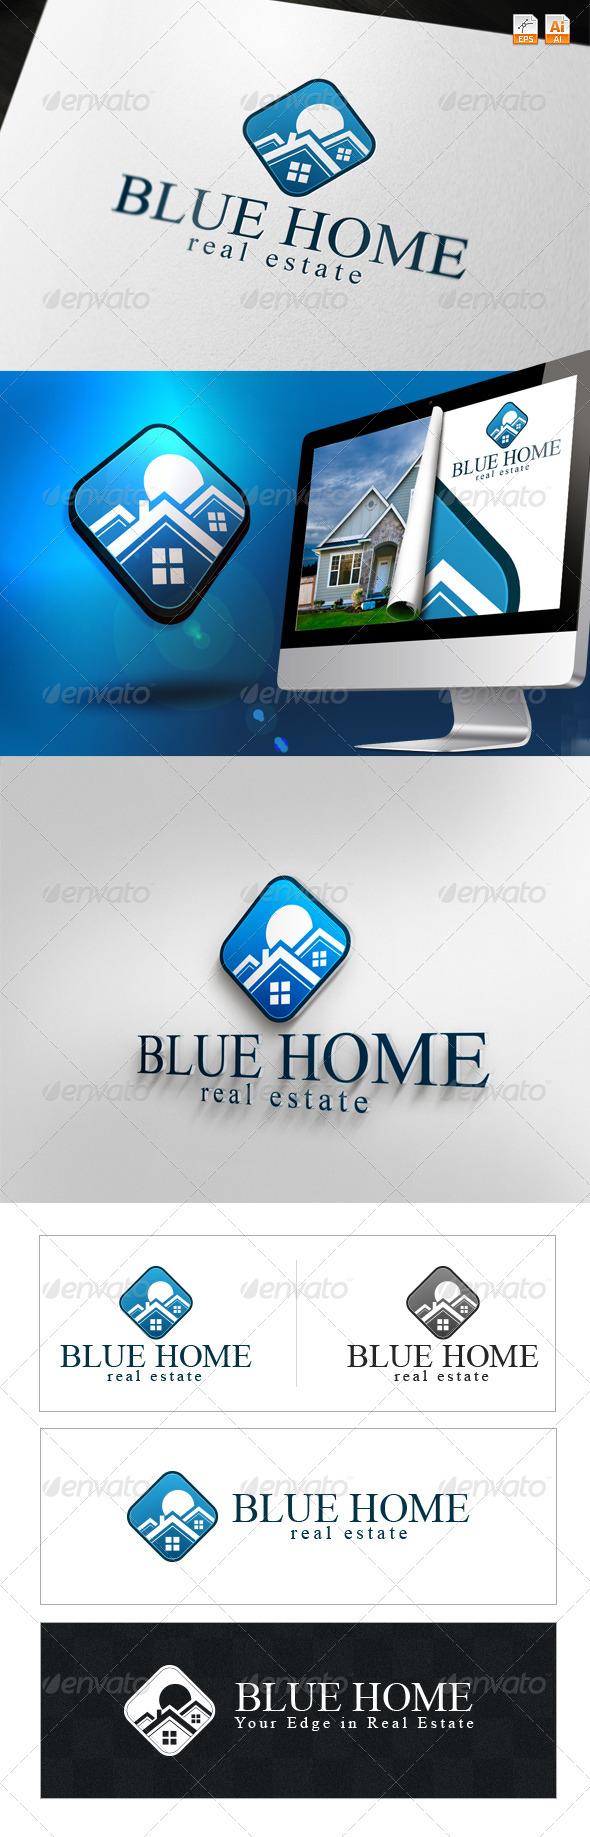 GraphicRiver Blue Home Real Estate Logo 3622496